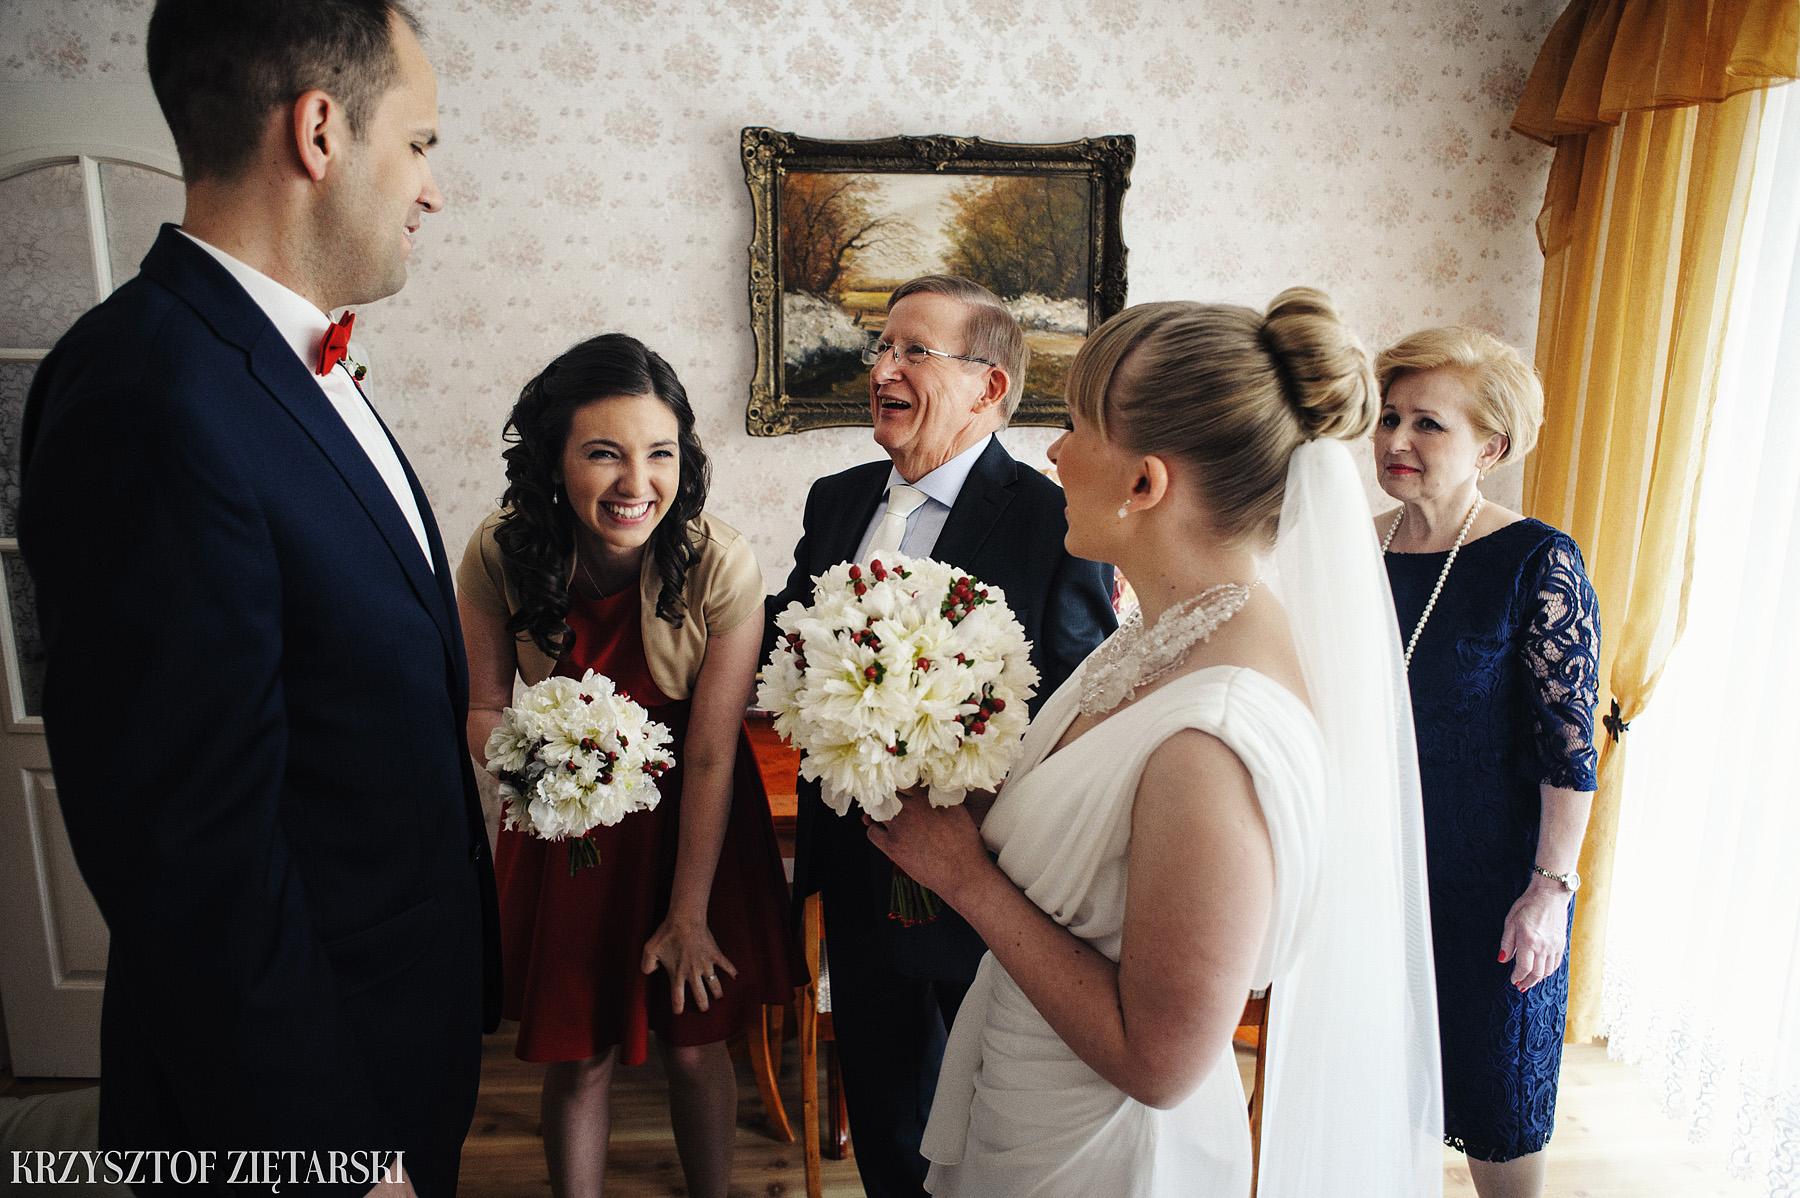 Ola i Grzegorz - Fotografia ślubna Gdynia, Kolegiata NMP, wesele restauracja COCO, plener na Darze Pomorza - 8.